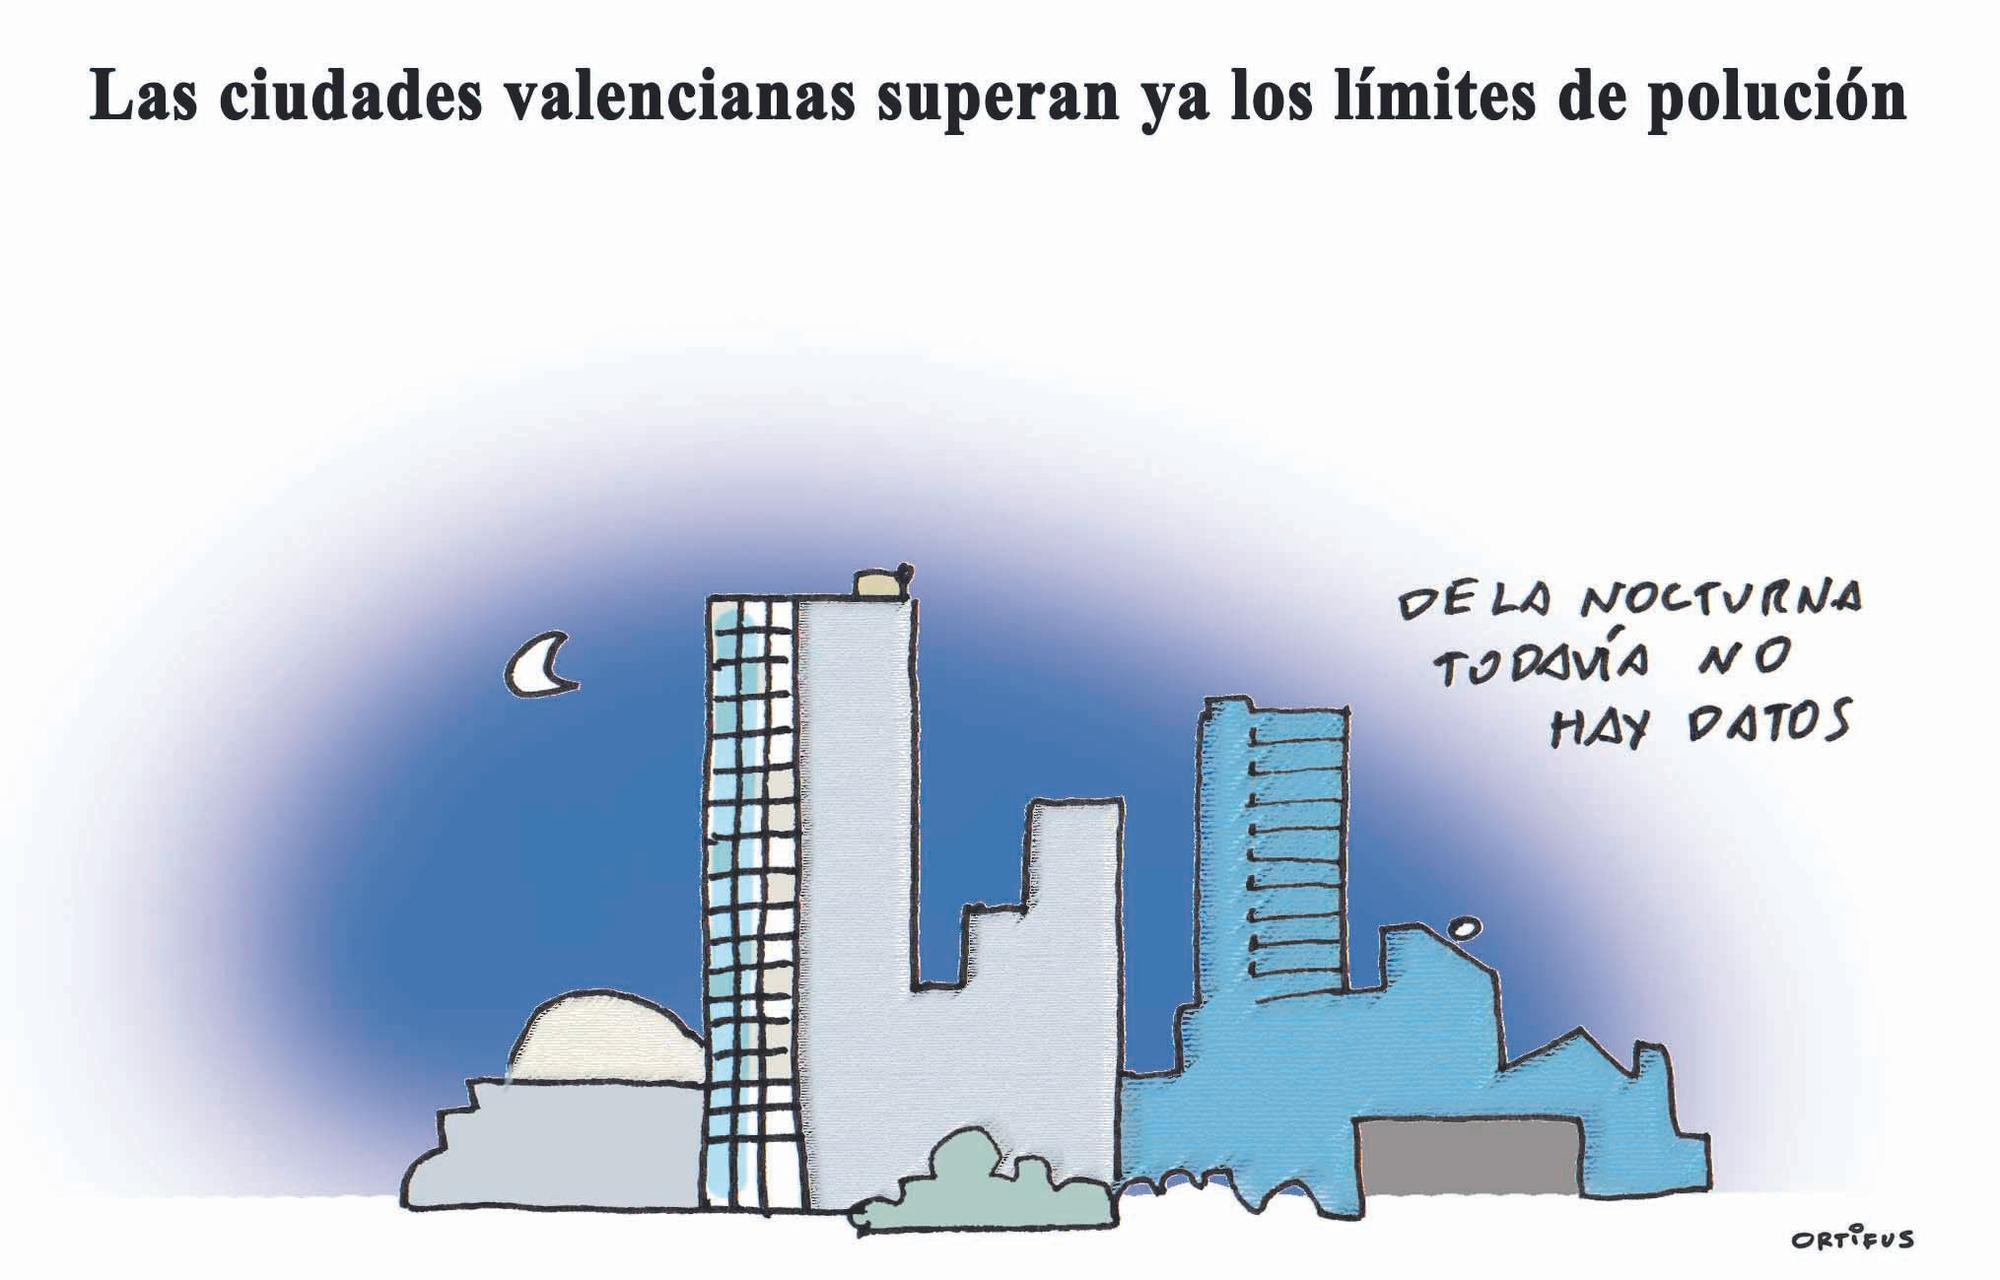 Las ciudades valencianas superan ya los límites de polución